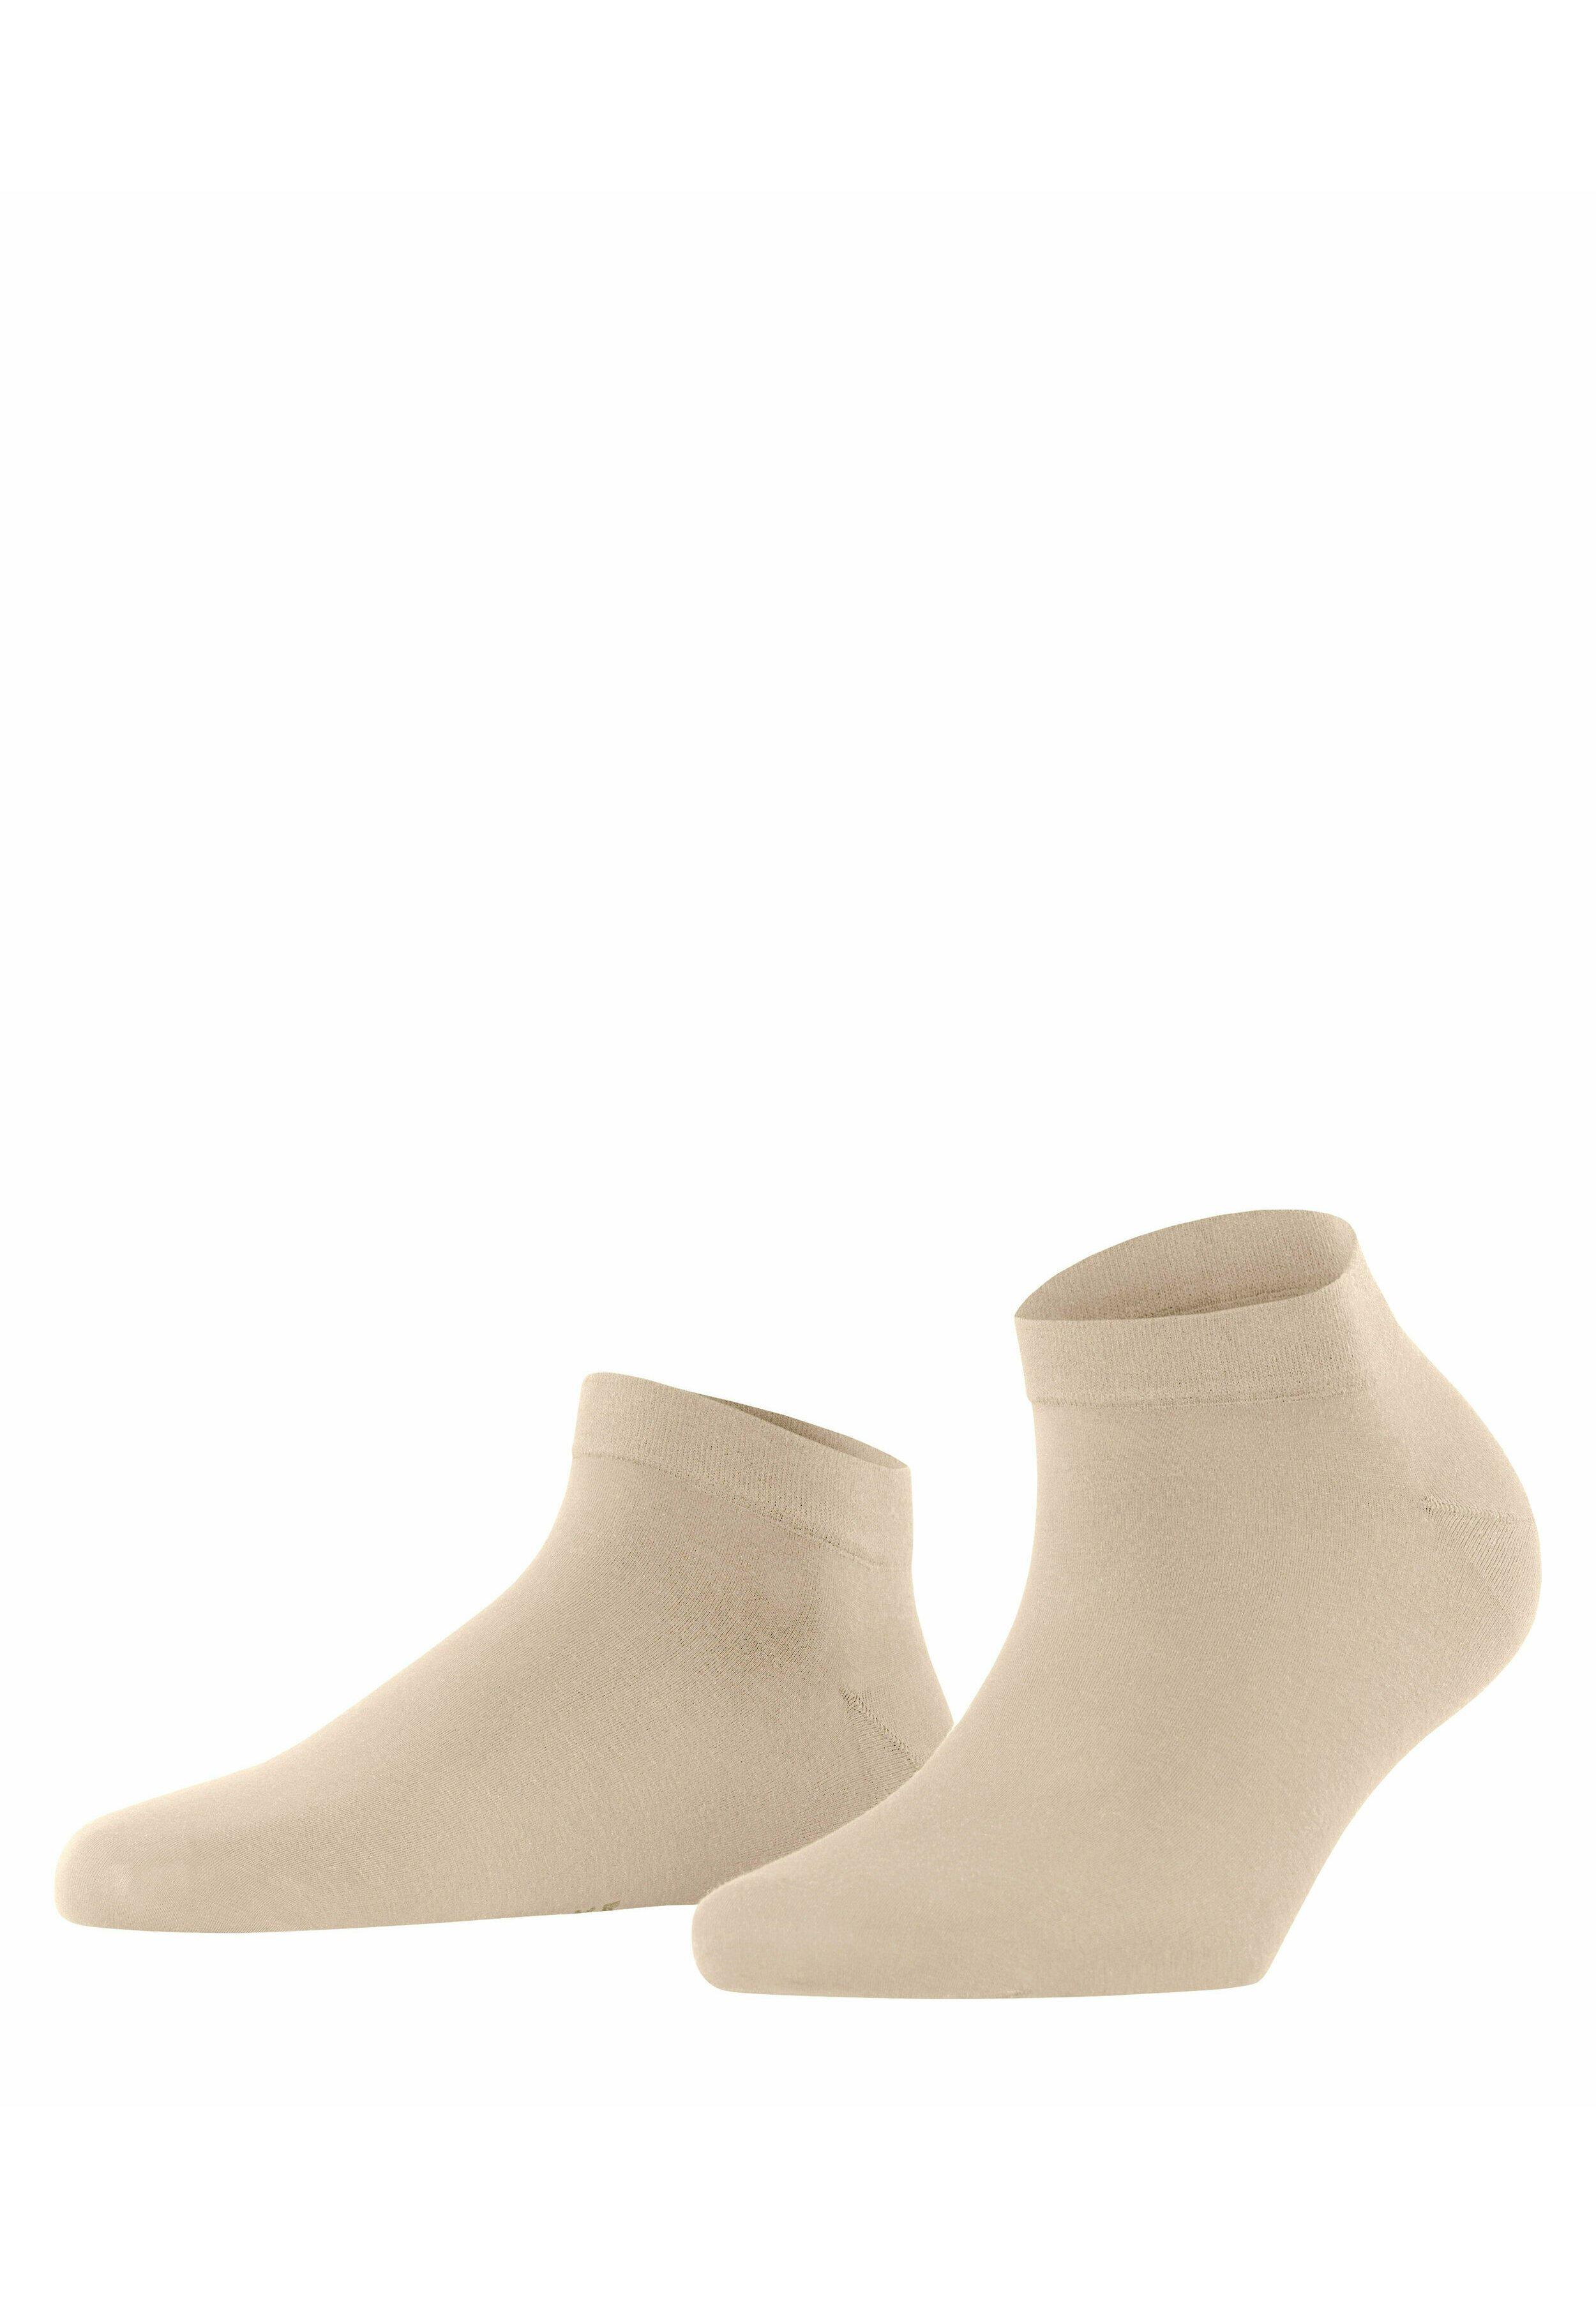 Femme FINE SOFTNESS - Socquettes - cream